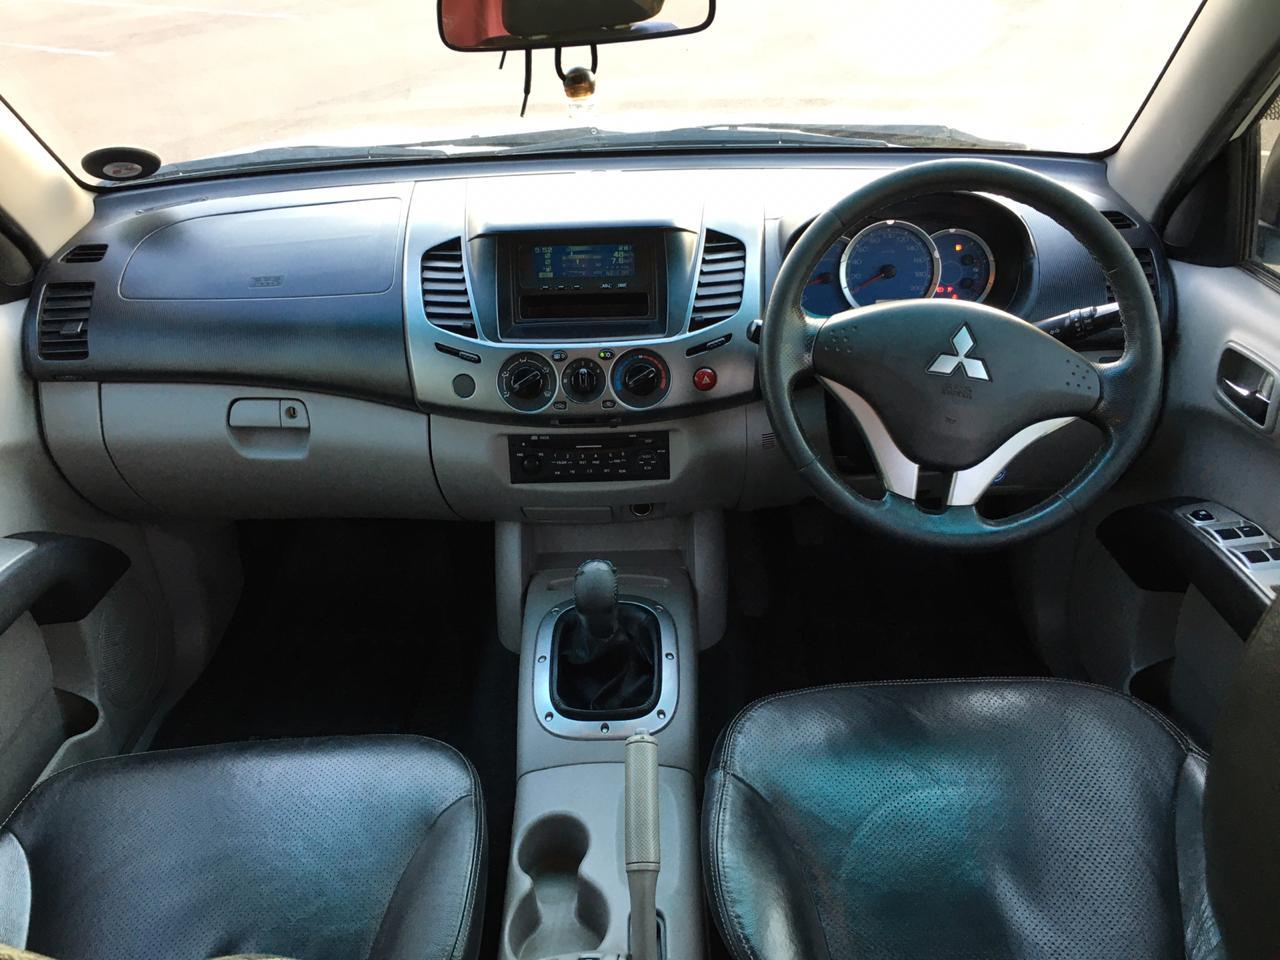 2010 Mitsubishi Triton 2.5DI D double cab